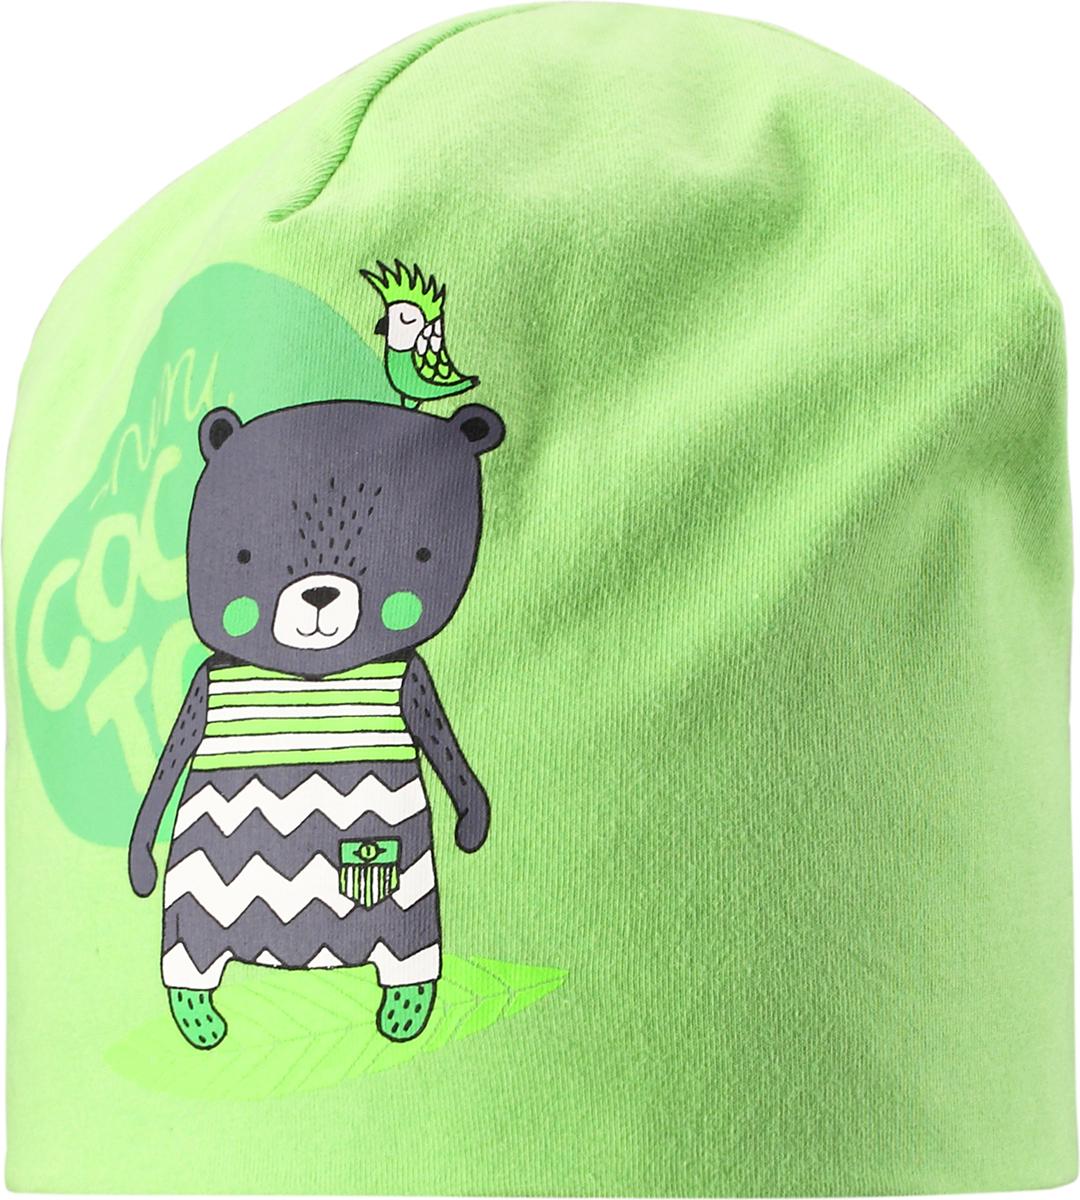 Шапка детская Lassie, цвет: зеленый. 7187398270. Размер 50/527187398270Базовая шапка для малышей с забавным рисунком в виде мишки. Шапка сделана из легкого и удобного джерси на полной трикотажной подкладке из гладкого дышащего смесового хлопка. Она снабжена рисунком сбоку и светоотражающей эмблемой на заднем шве.